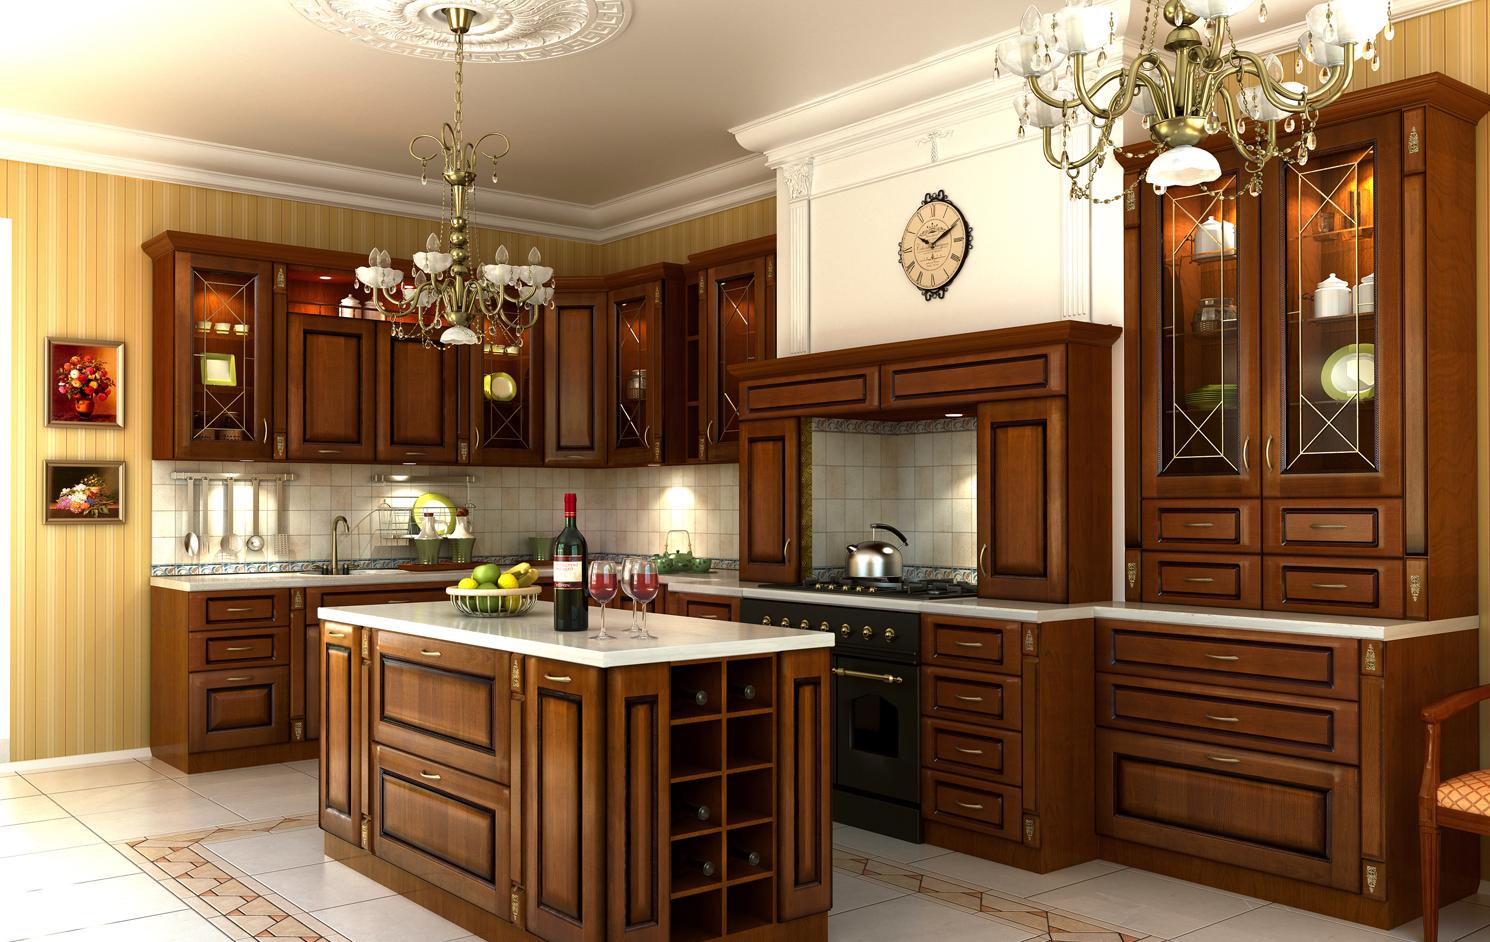 кухня из массива дерева дизайн